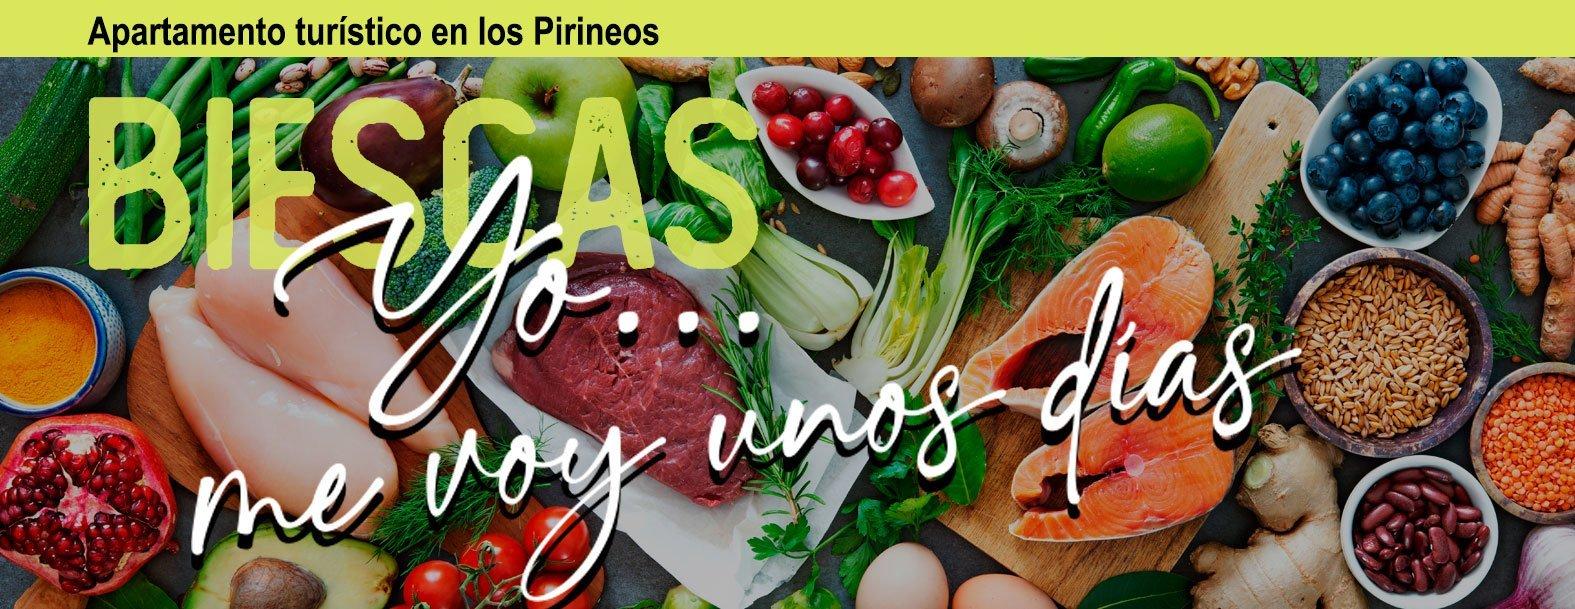 Gastronomia-BIESCAS-El Capricho-de-Bego